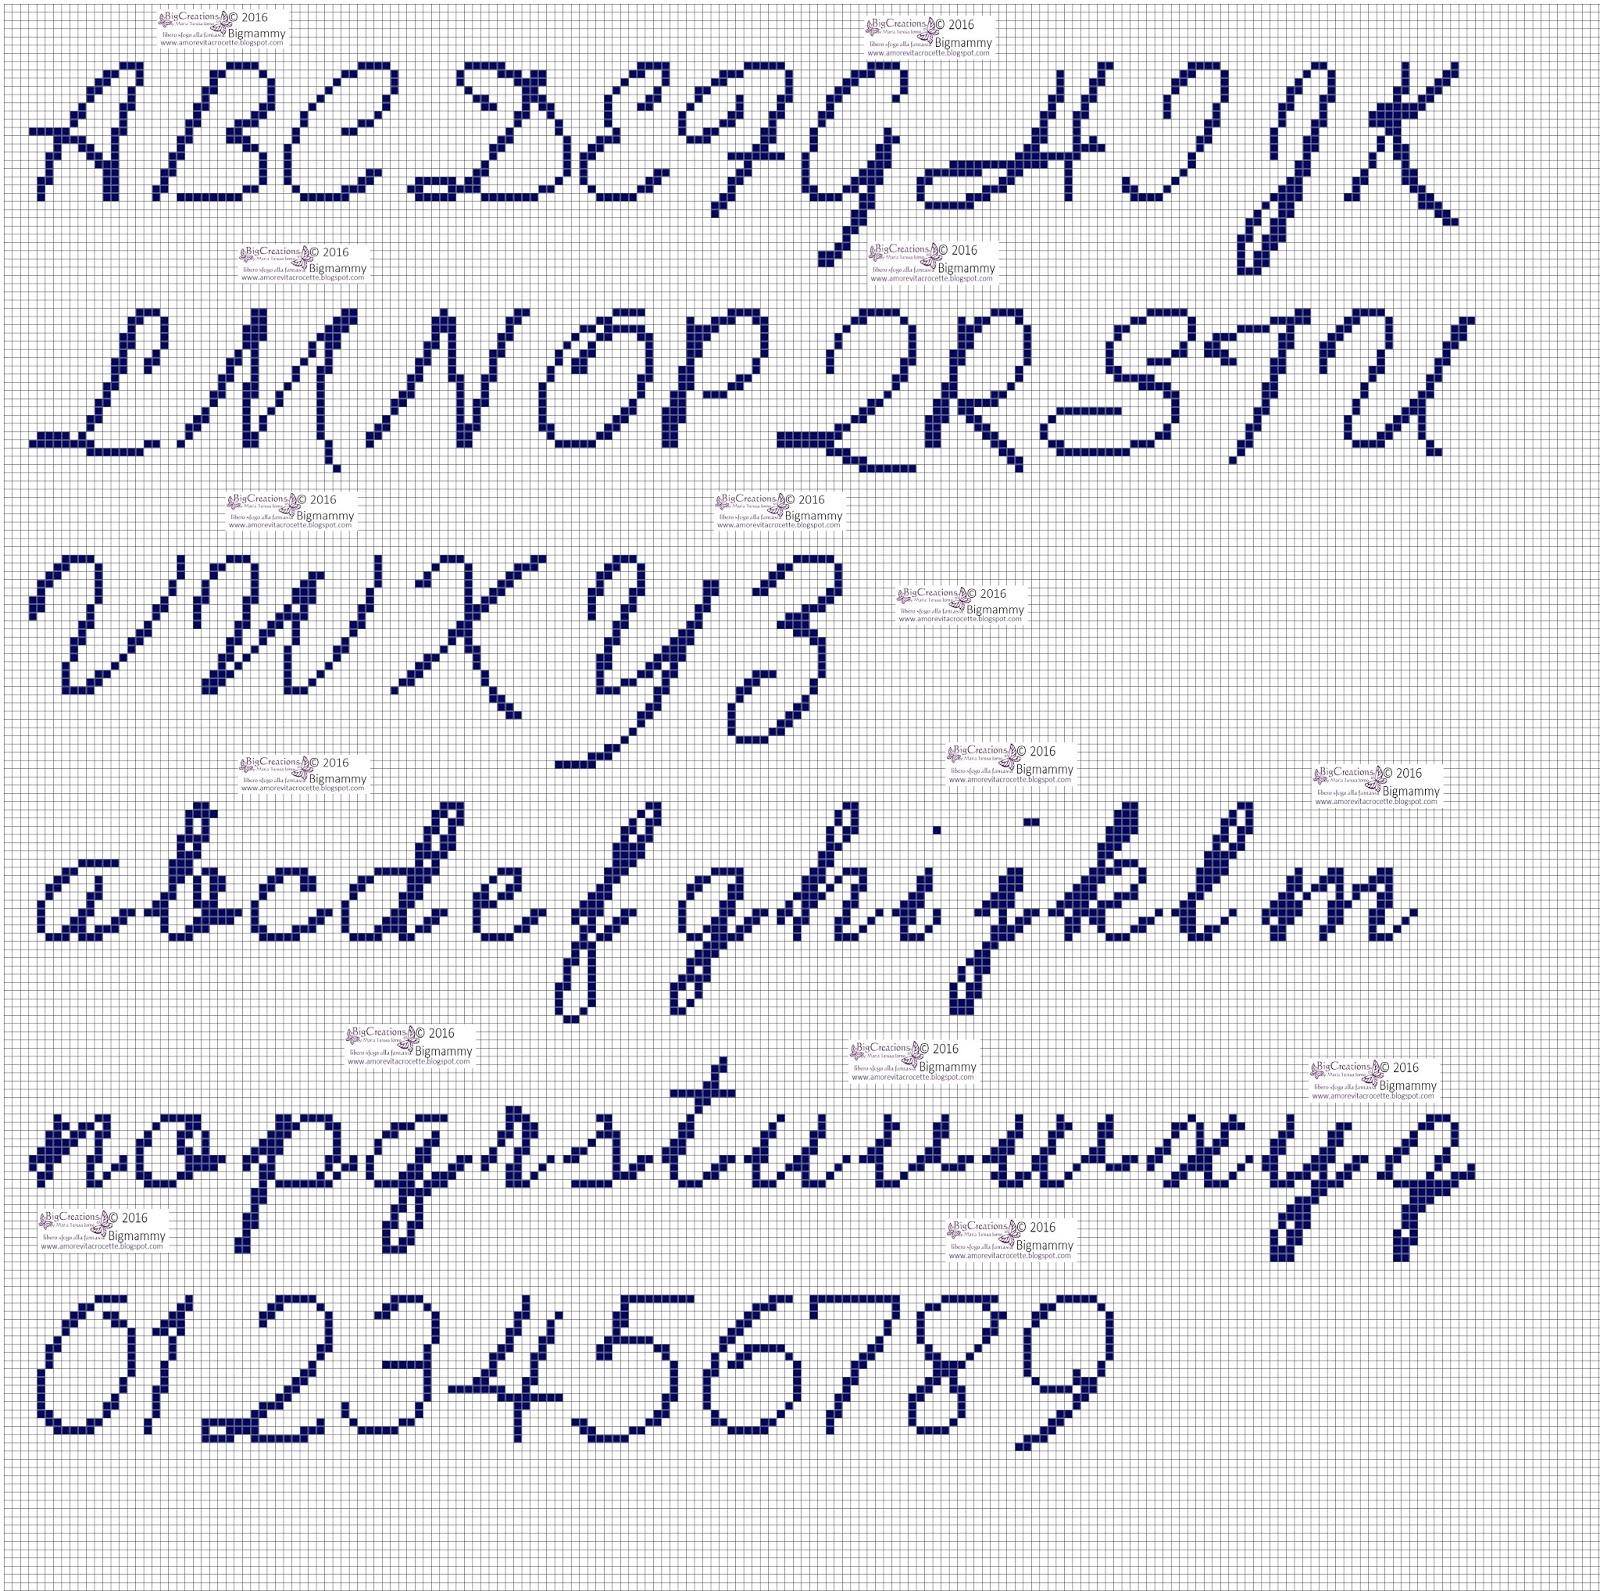 Lettere Alfabeto Corsivo Minuscolo: Amorevitacrocette: Punto Croce Alfabeti In Corsivo